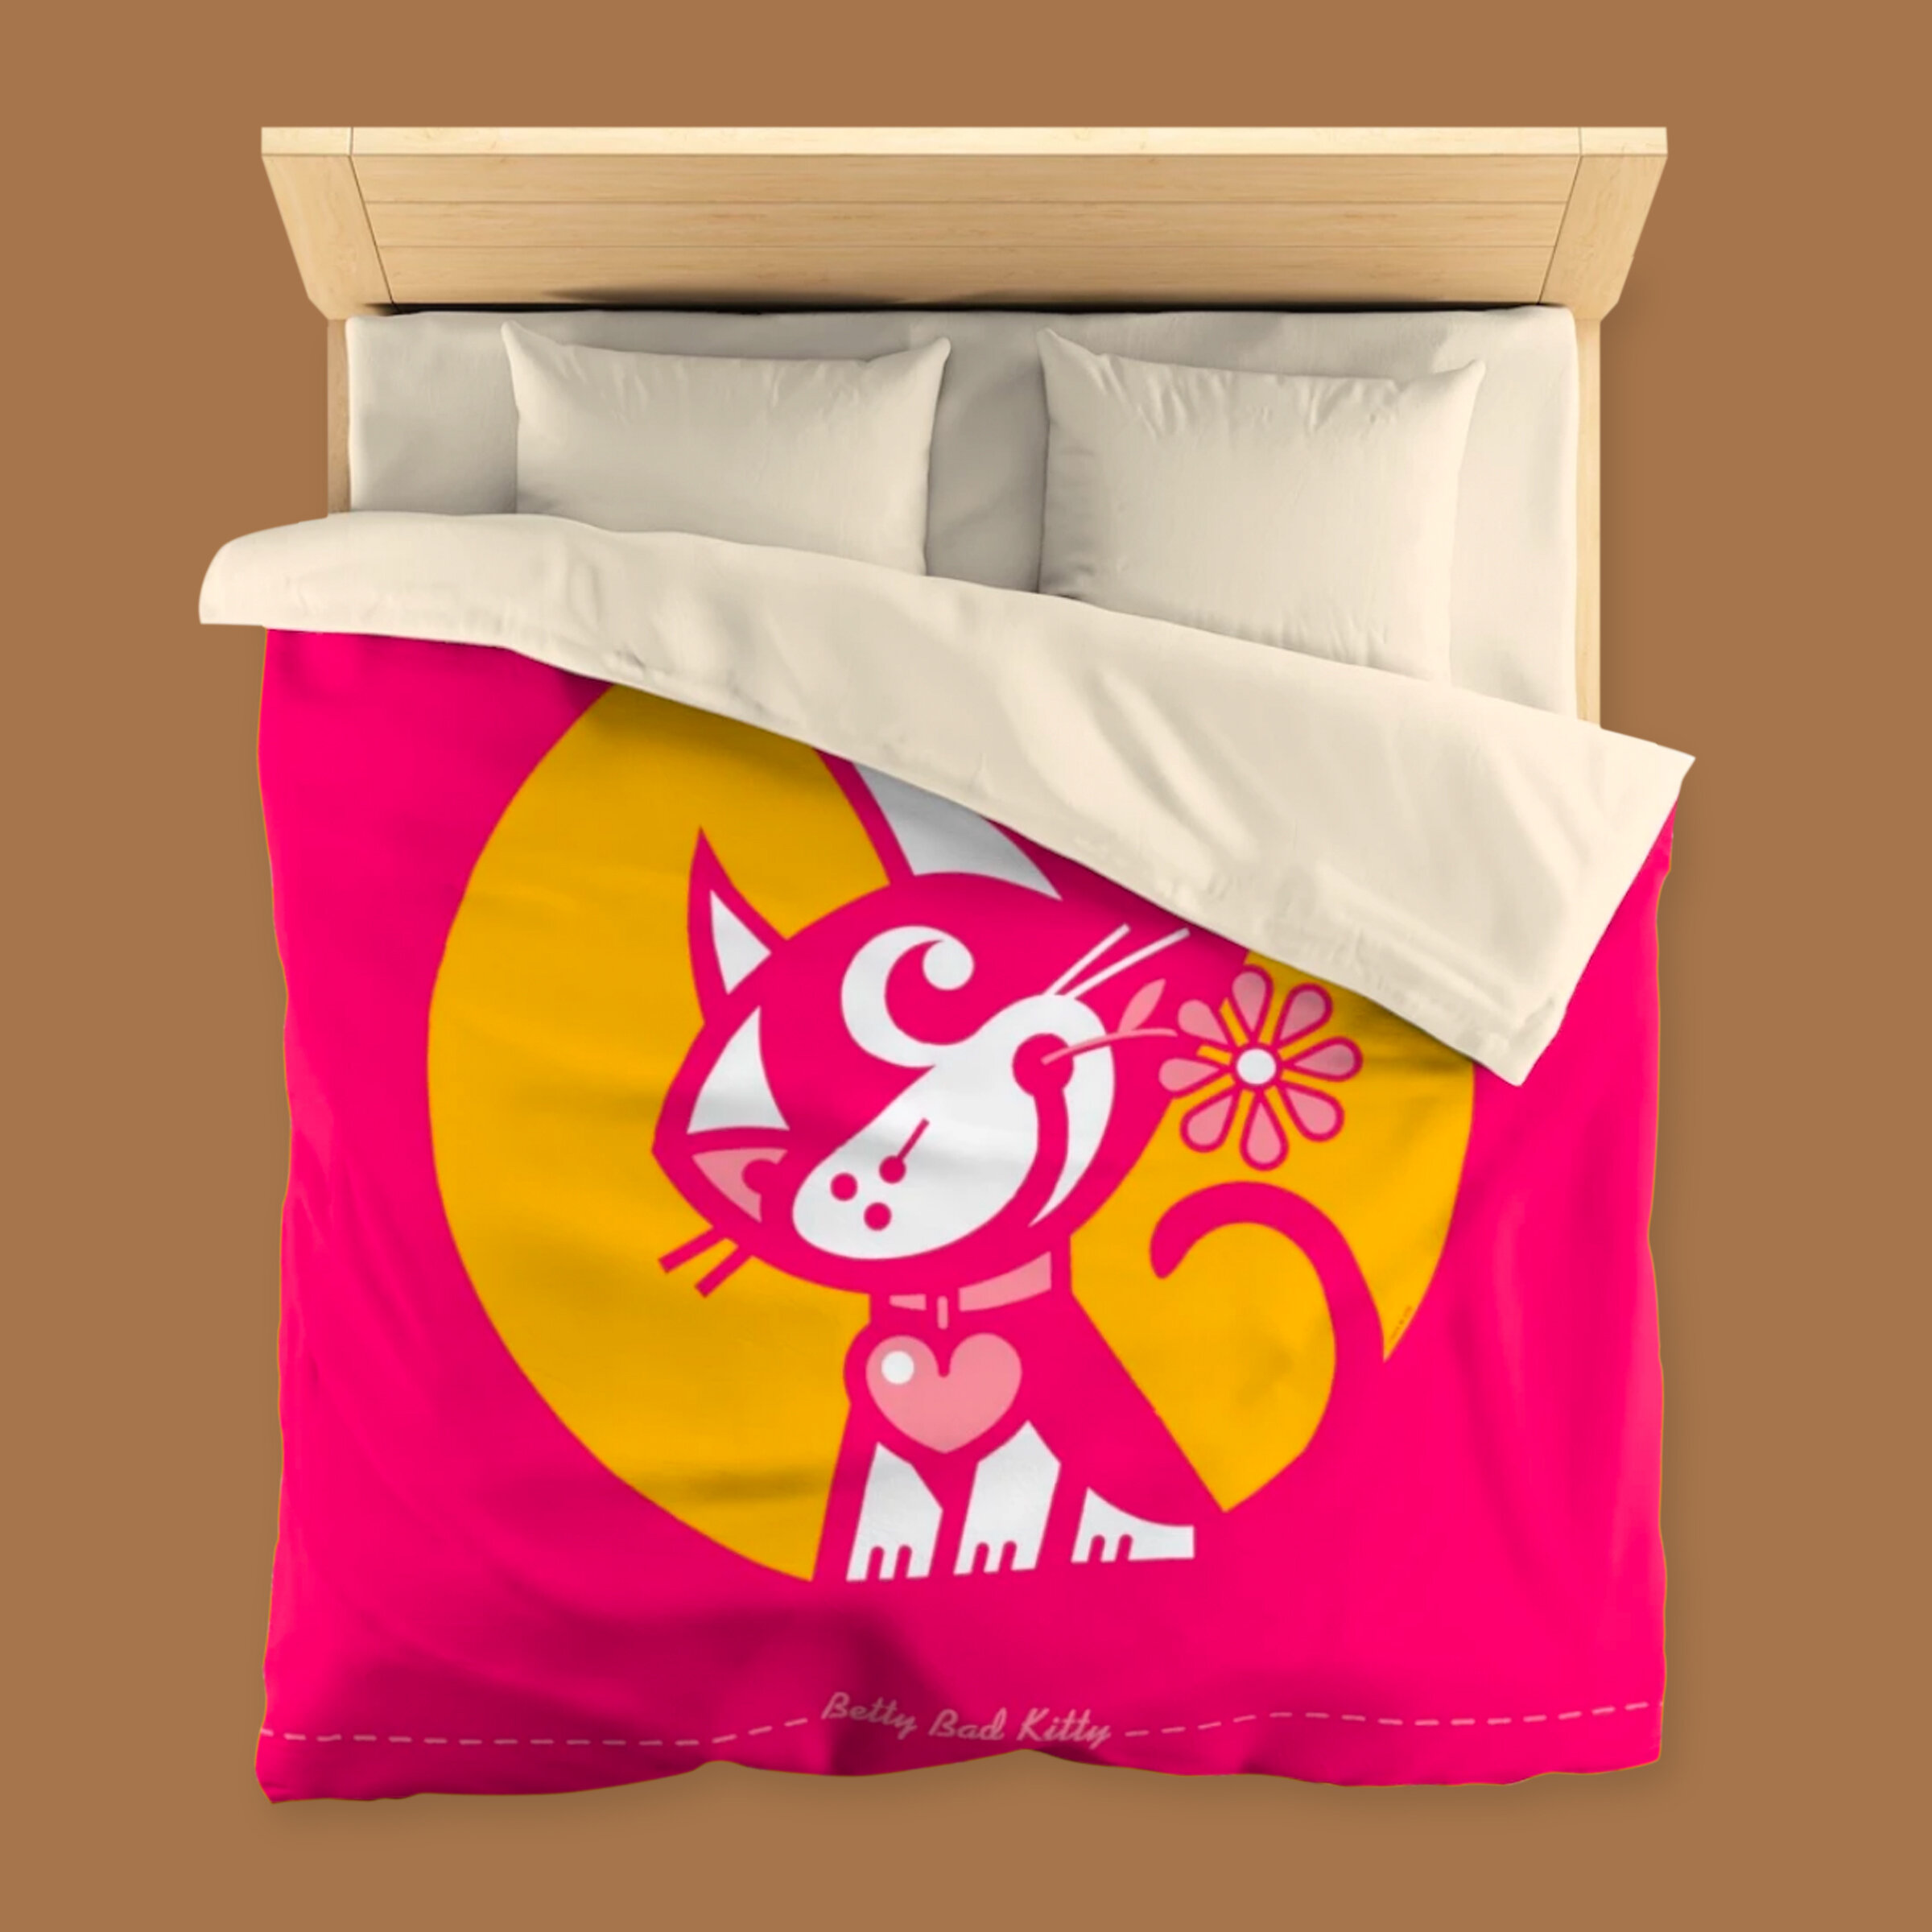 Betty-Bad-Kitty-Duvet-Covers-Moon-Flower.jpg